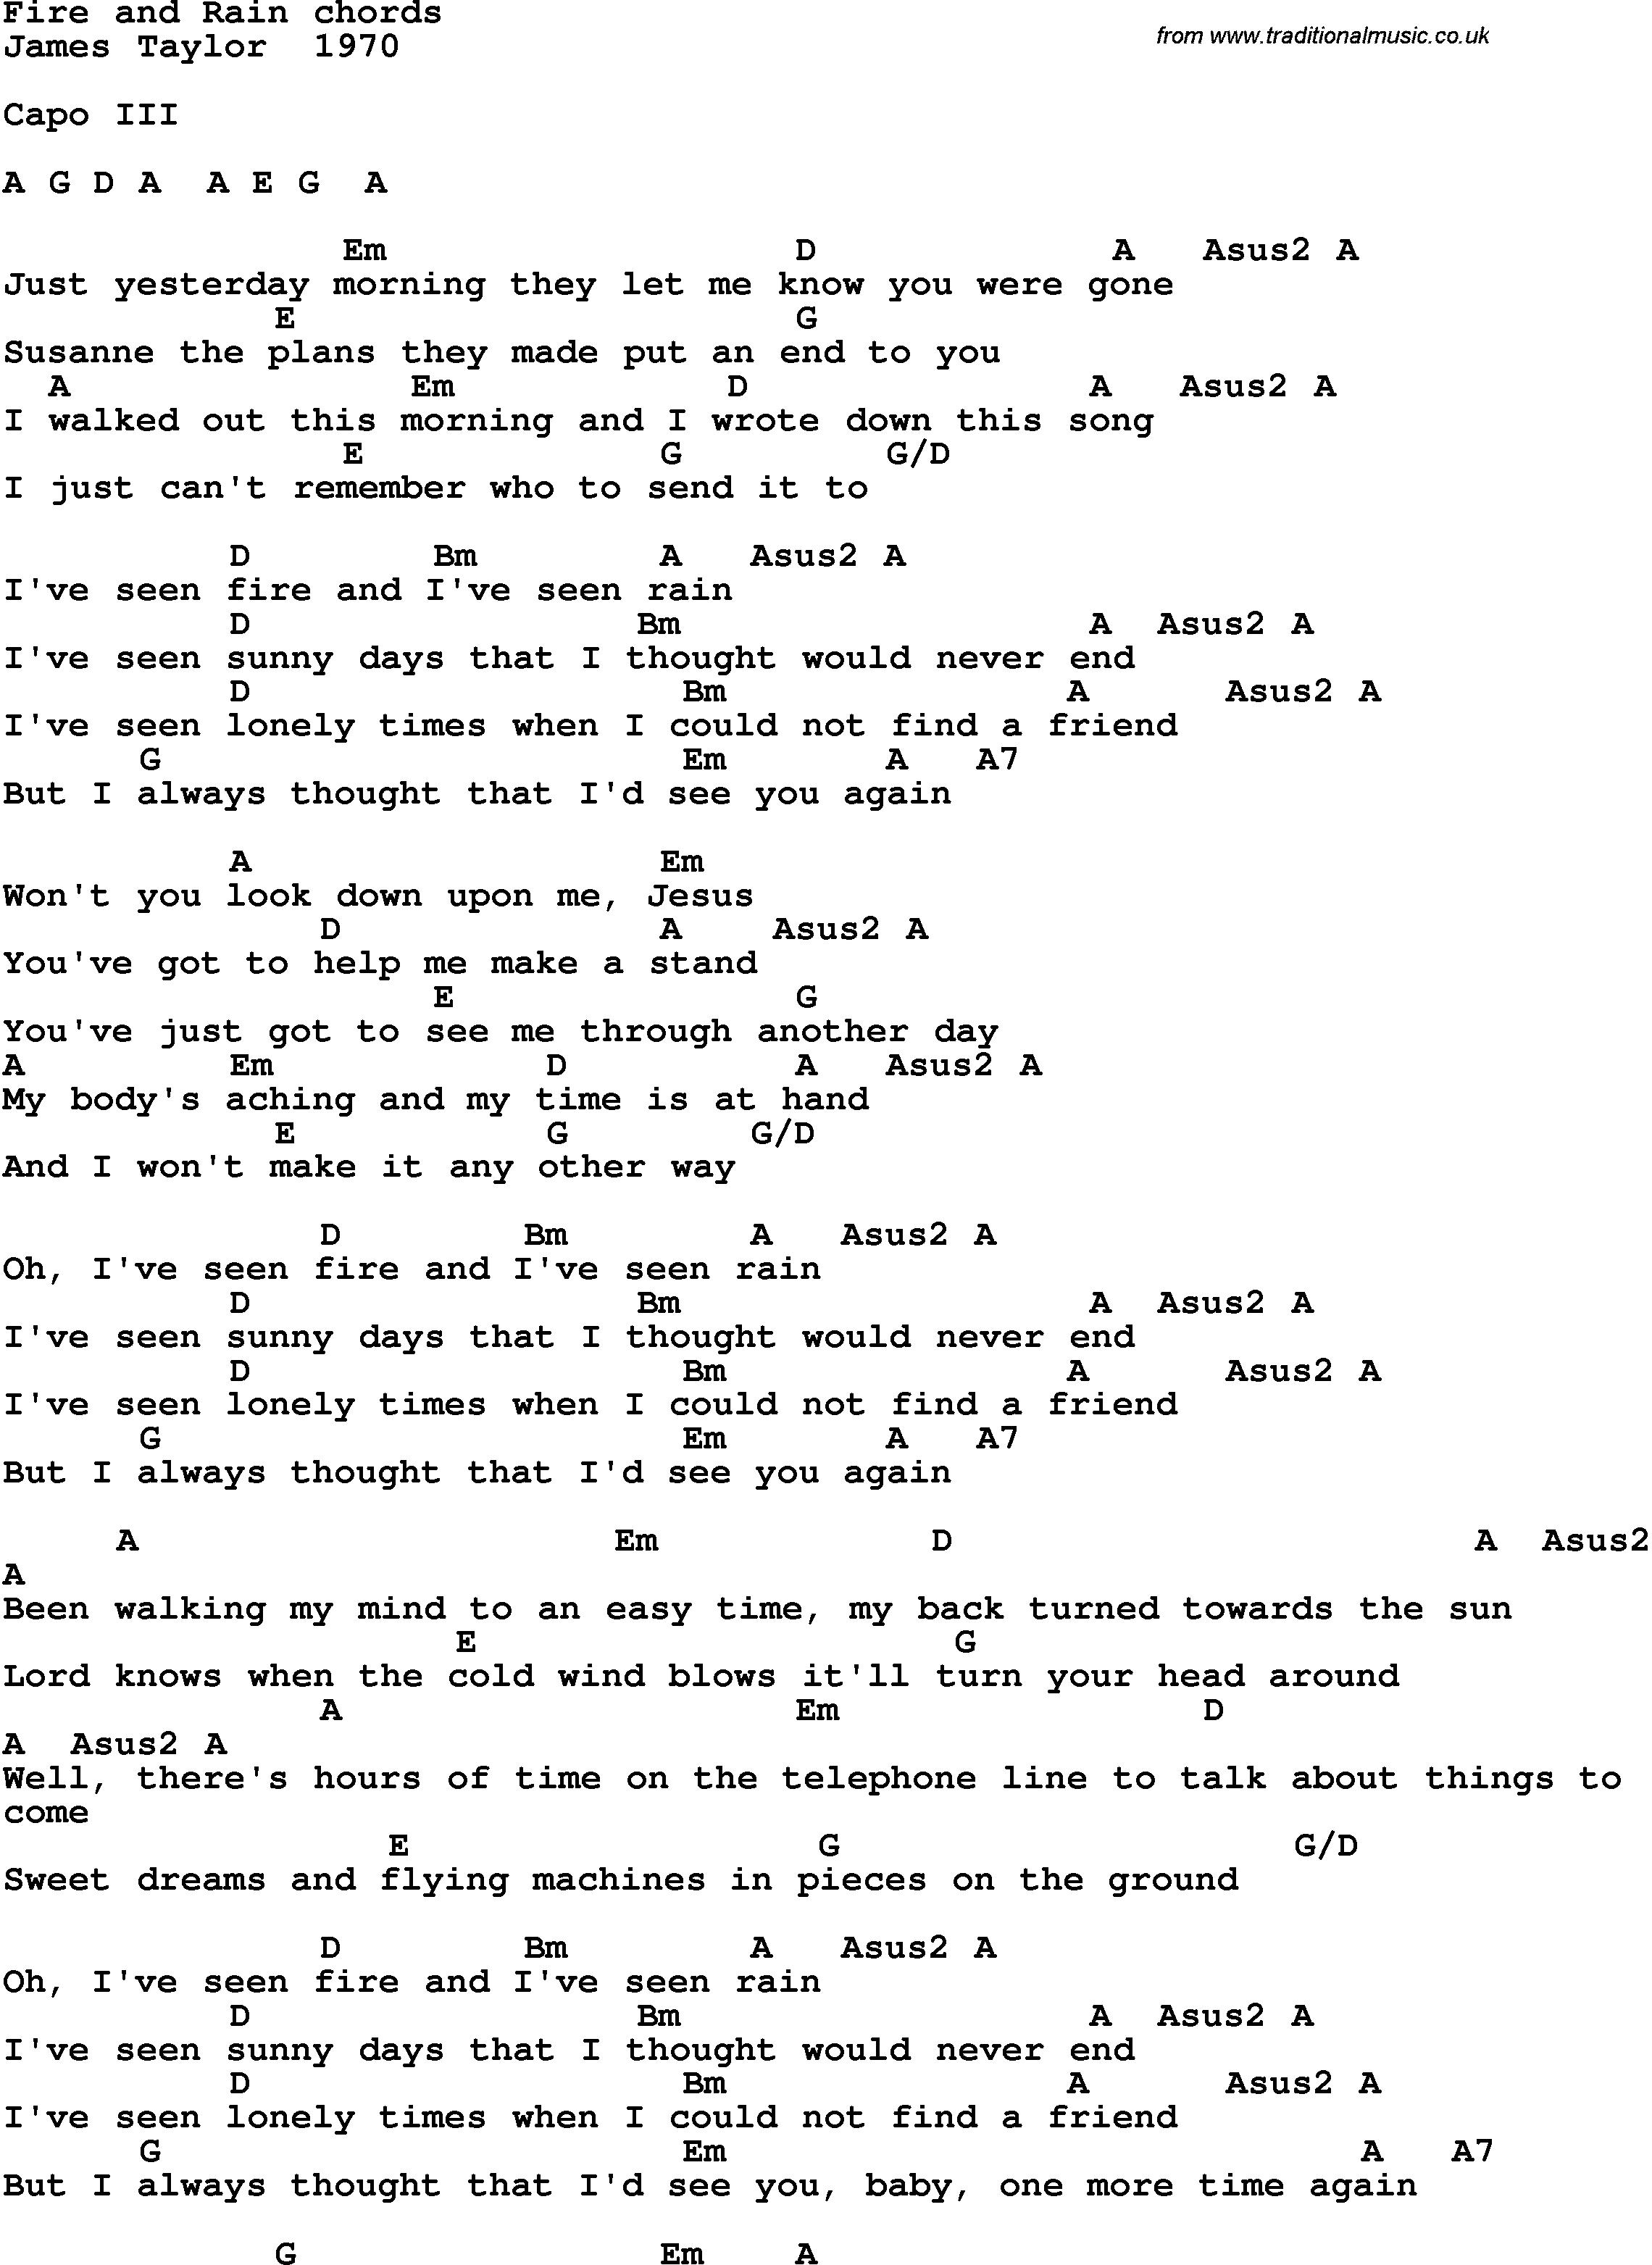 Аккорды и текст песни под гитару